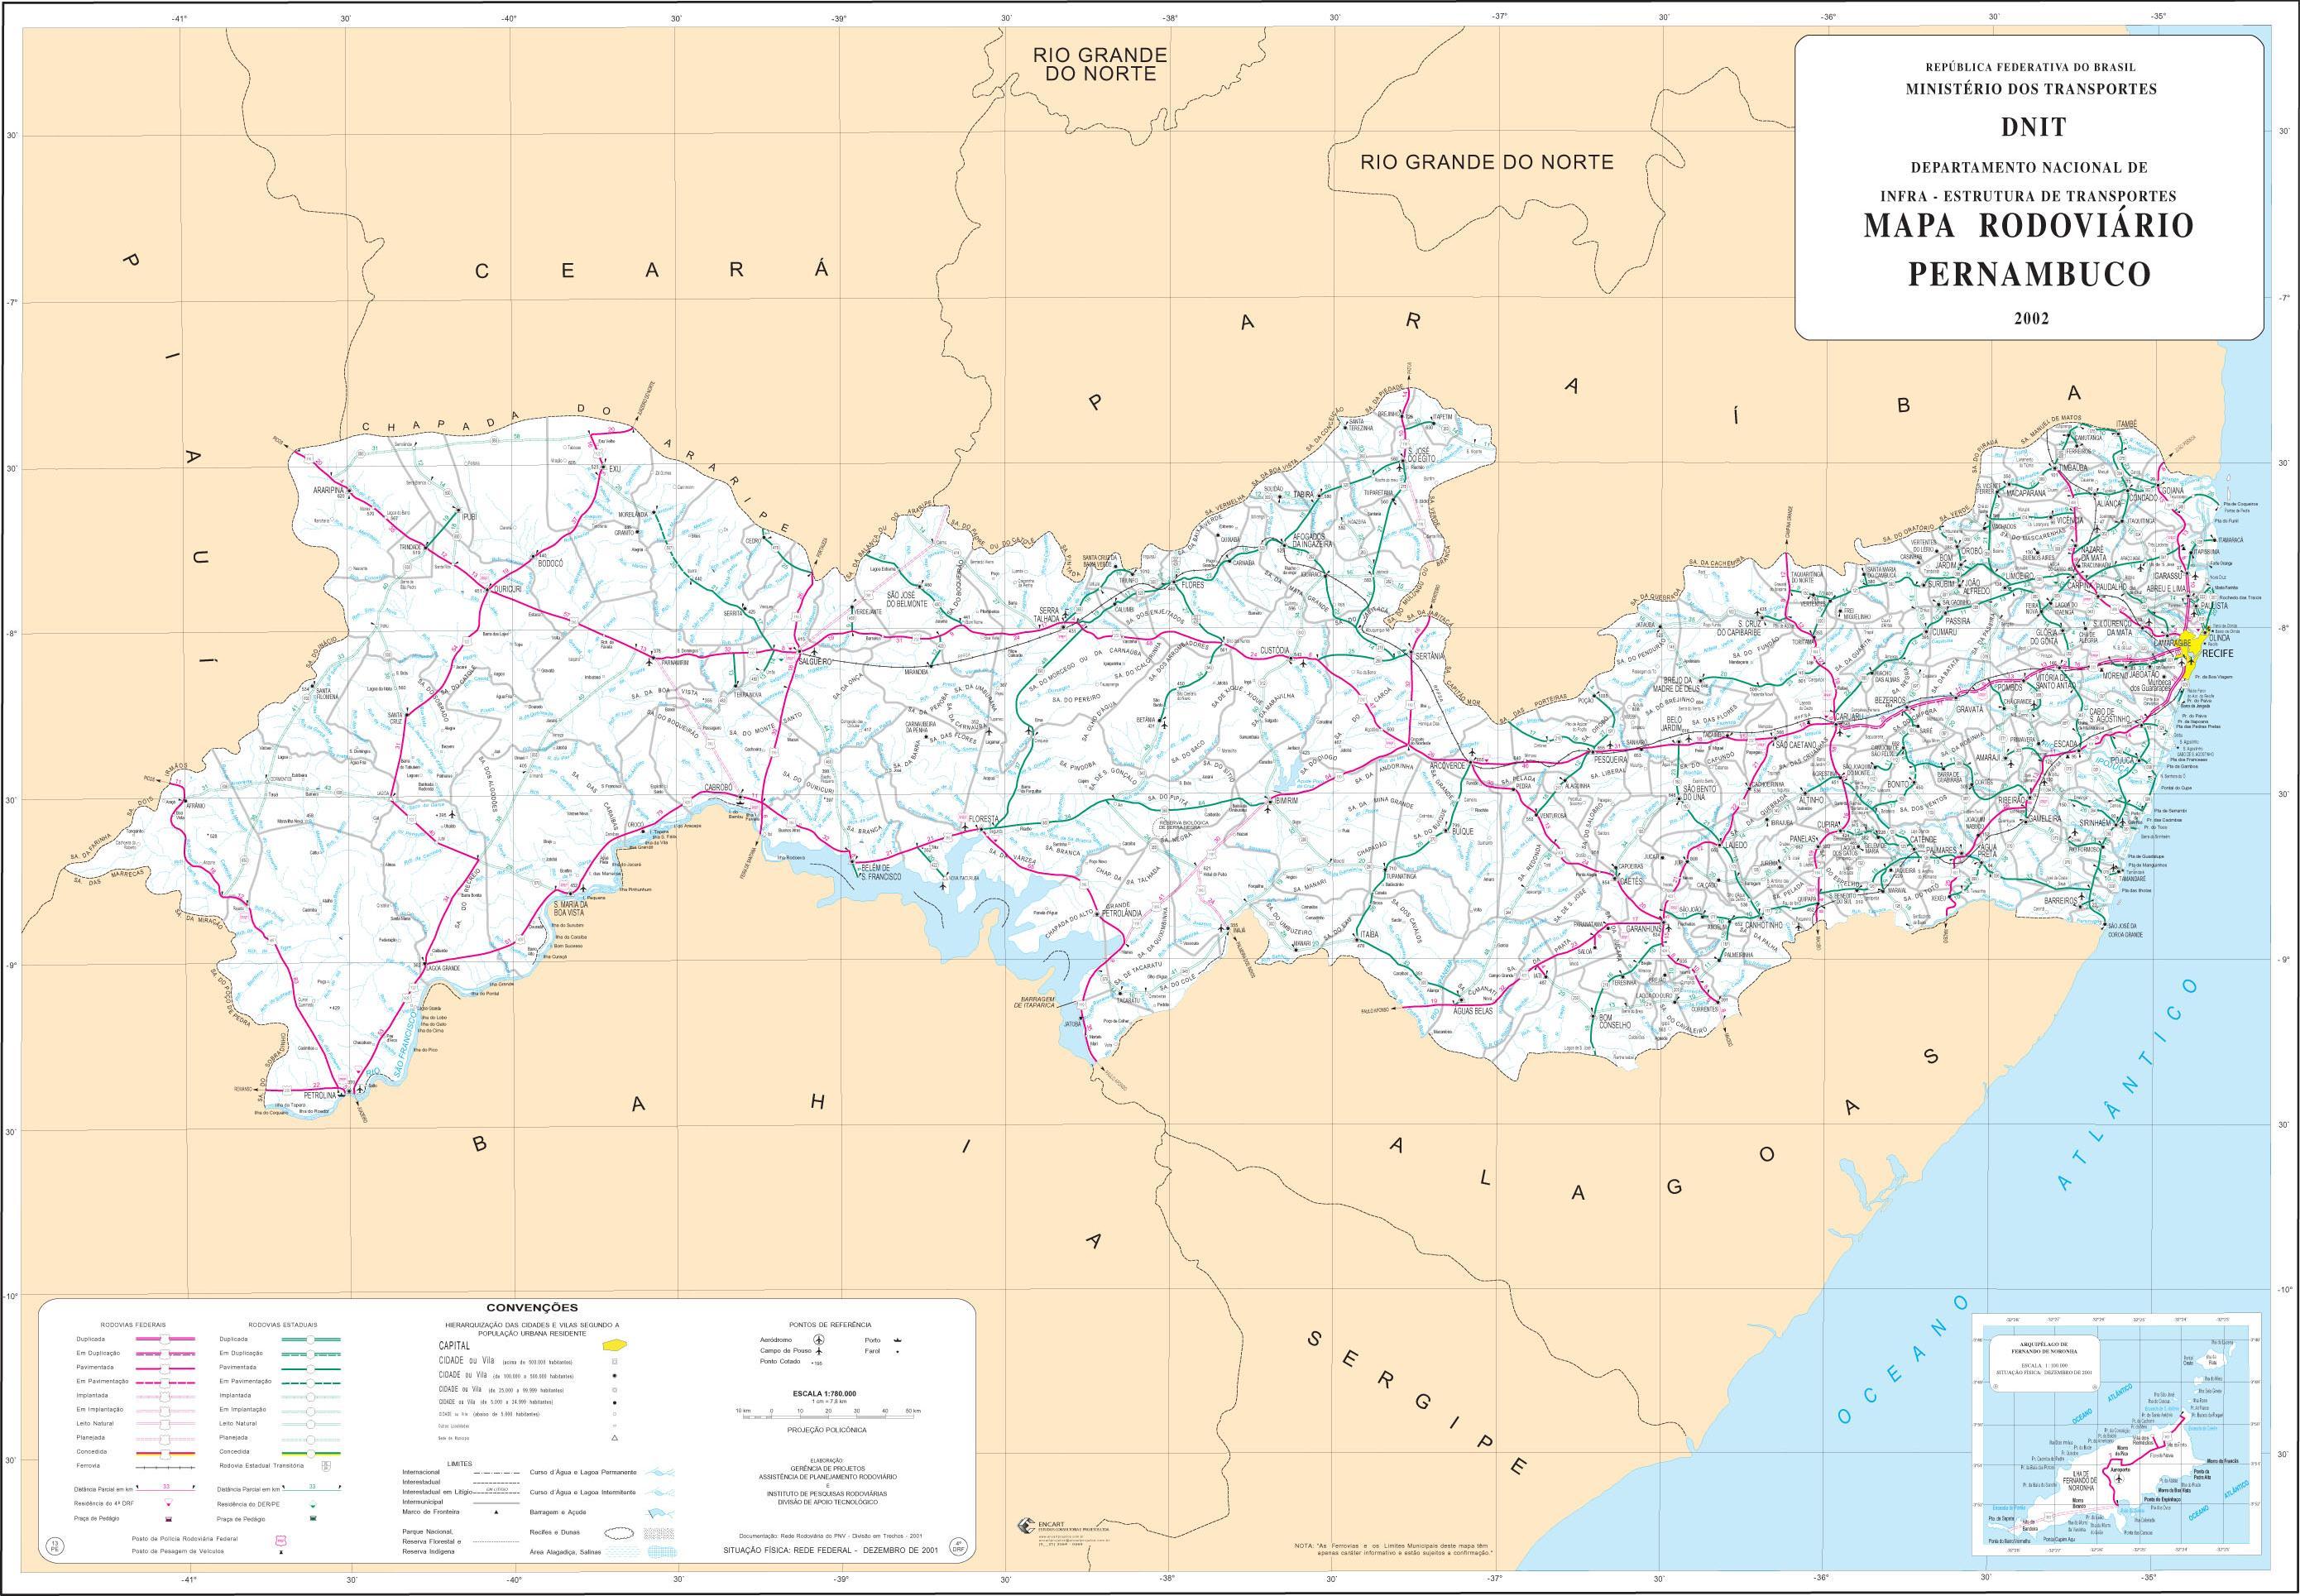 Mapa de Carreteras Federales y Estatales del Edo. de Pernambuco, Brasil